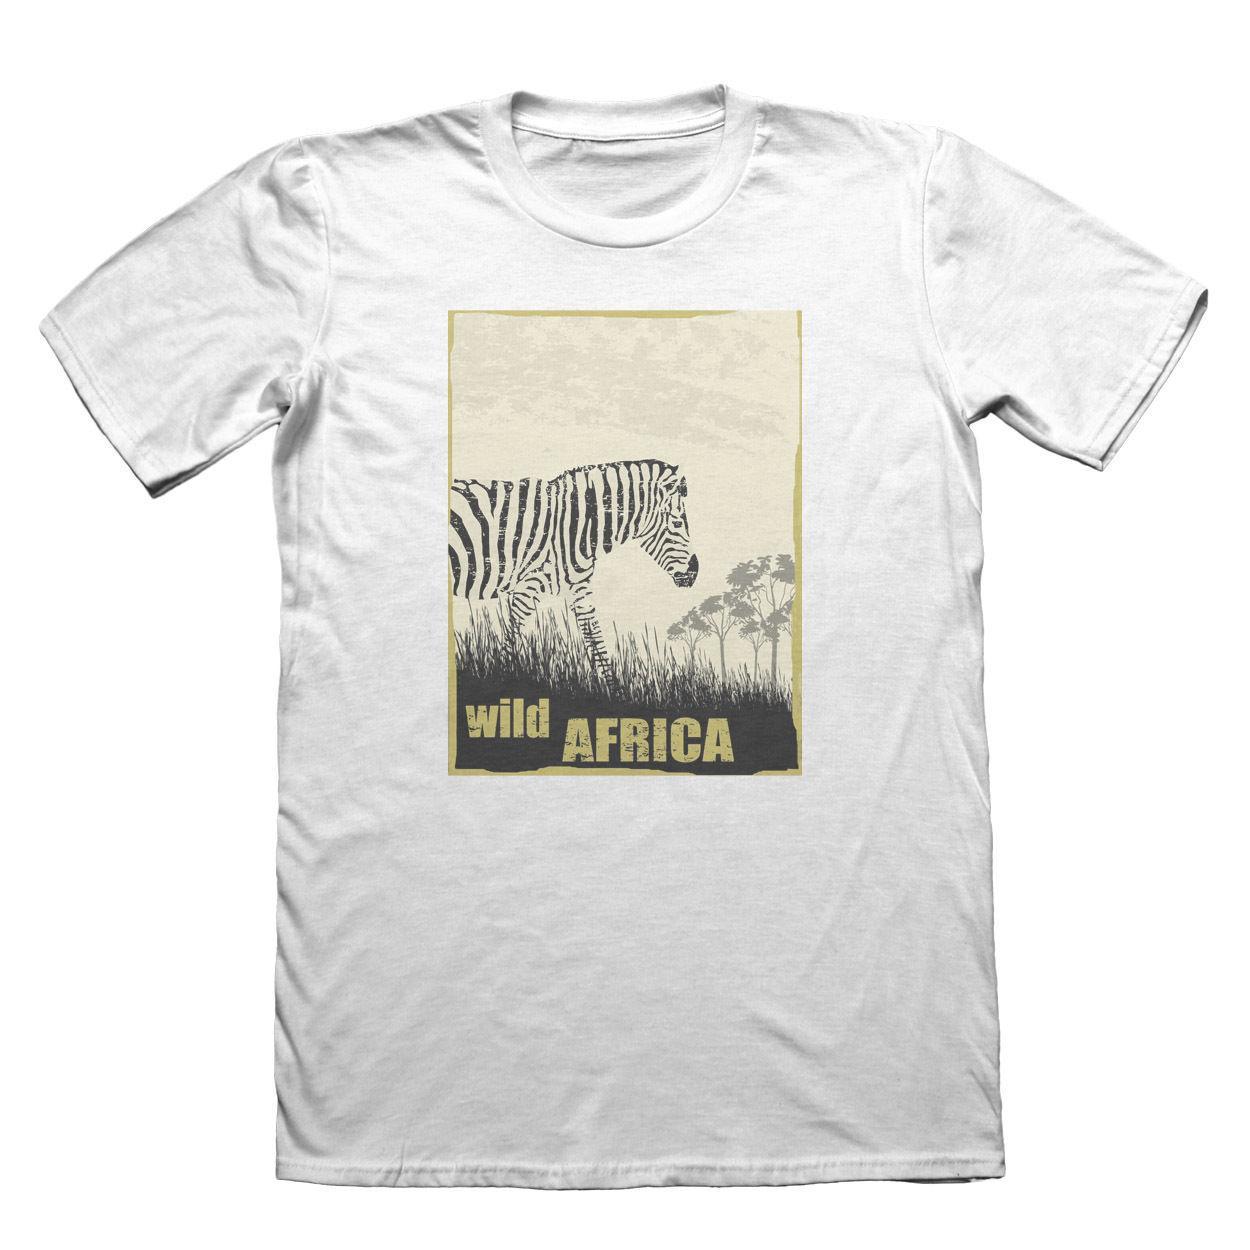 2020 Yaz Moda Sıcak Vahşi Afrika Zebra Tişört - Erkek Babalar Günü Noel Hediyesi # 7223 Tee gömlek